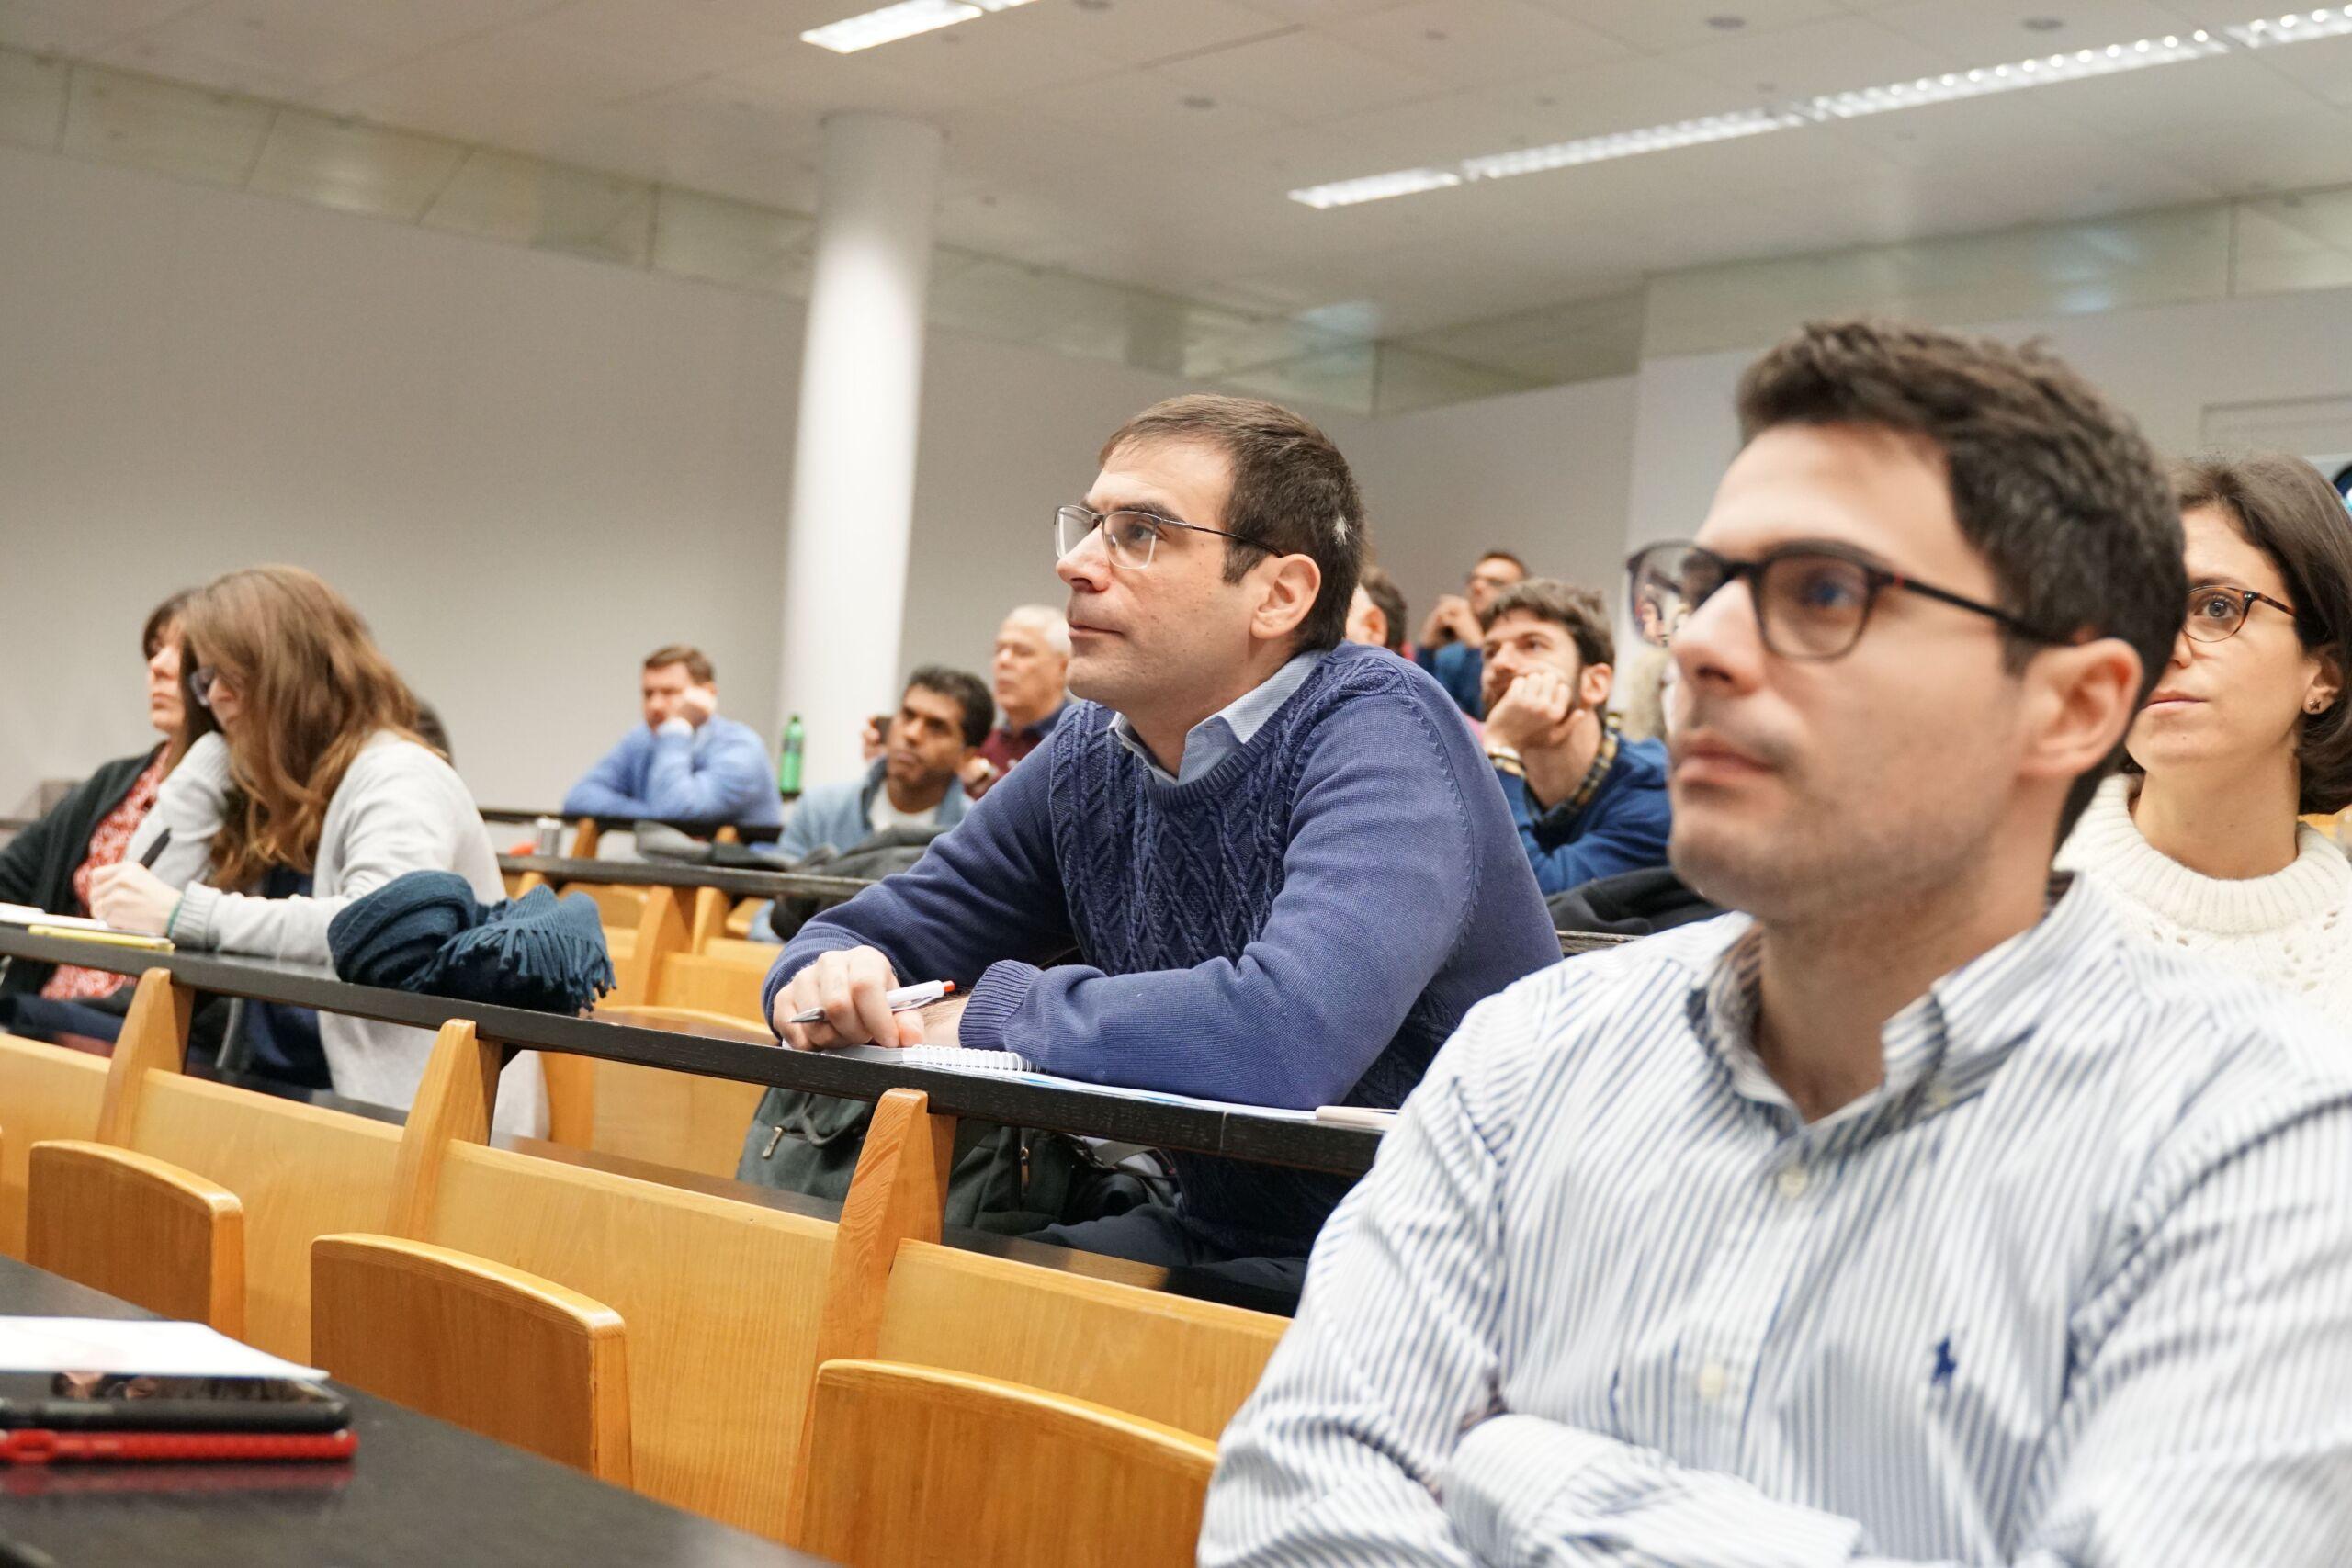 Ein gefüllter Vorlesungssaal mit interessierten Zuhörern